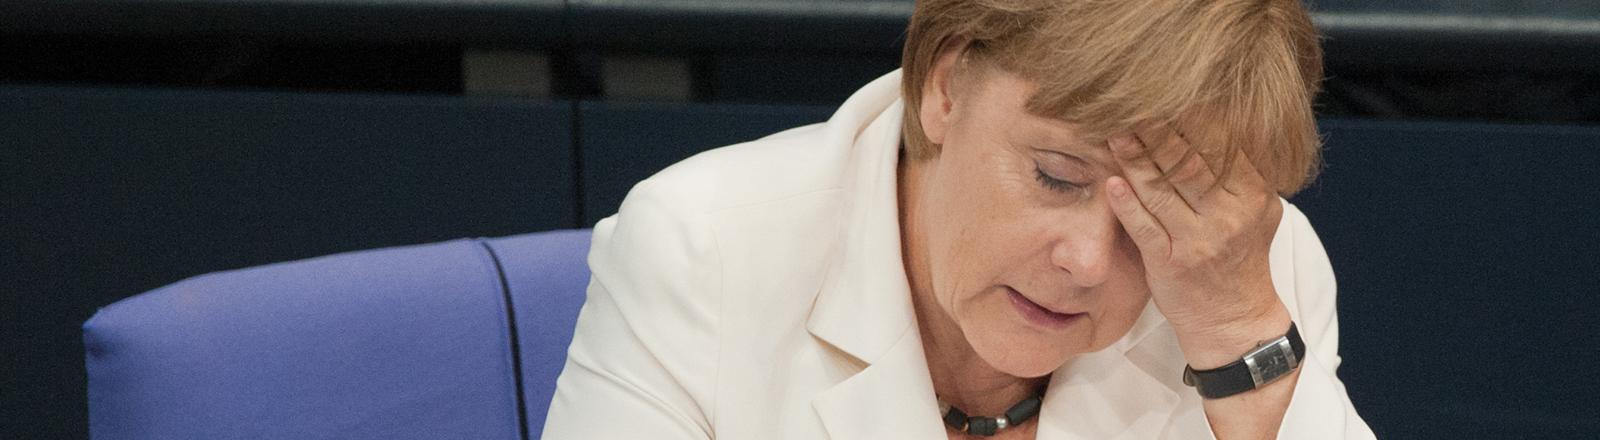 Bundeskanzlerin Angela Merkel (CDU) sitzt am Freitag (29.06.2012) im Bundestag in Berlin. Am Abend stimmt das Parlament über den Fiskalpakt und über den Europäischen Rettungsschirm ESM ab.